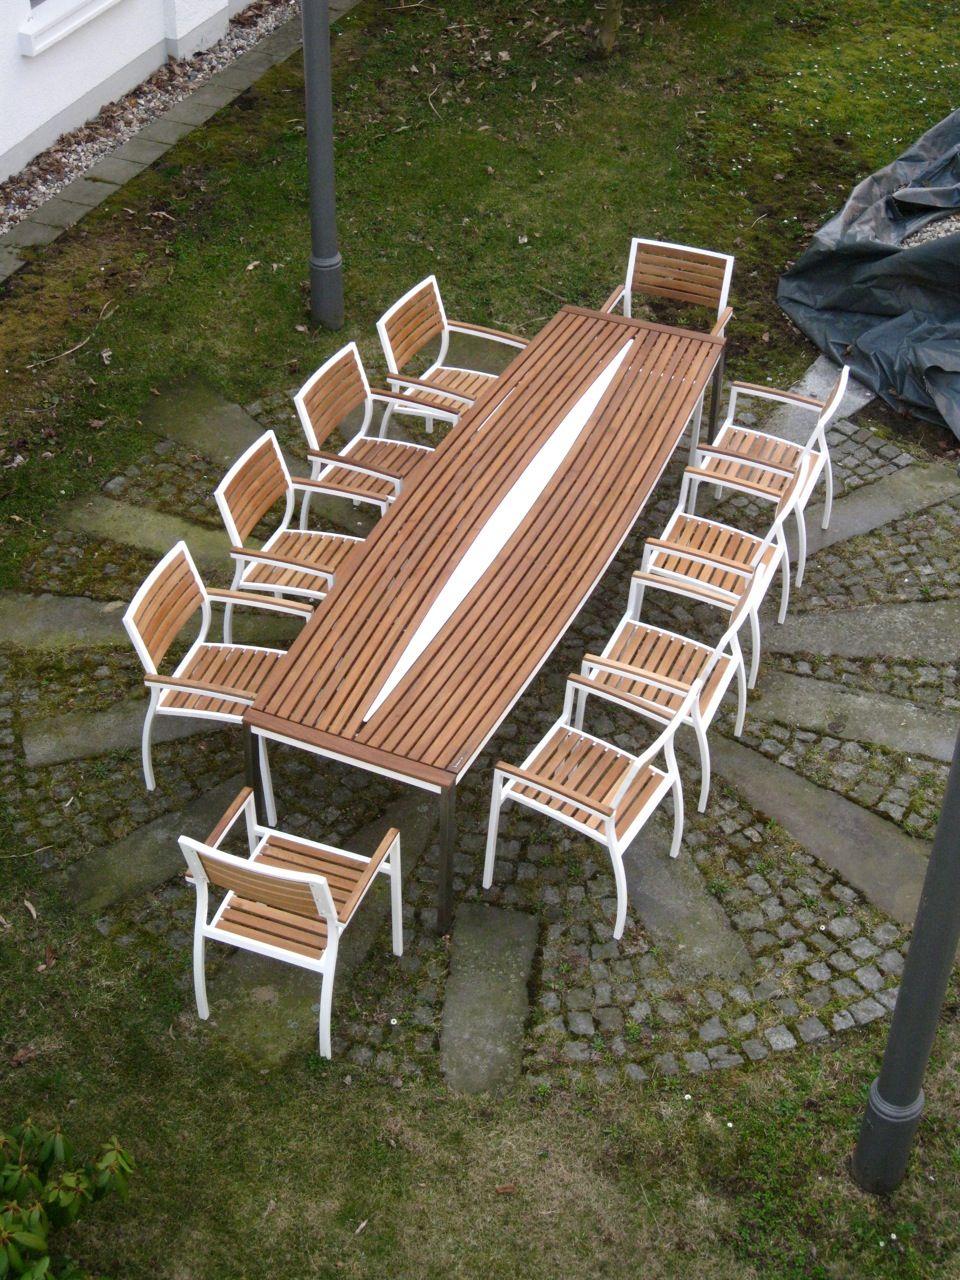 Gartenmöbel Xxl Design Gartentisch Groß By Sebastian Bohry